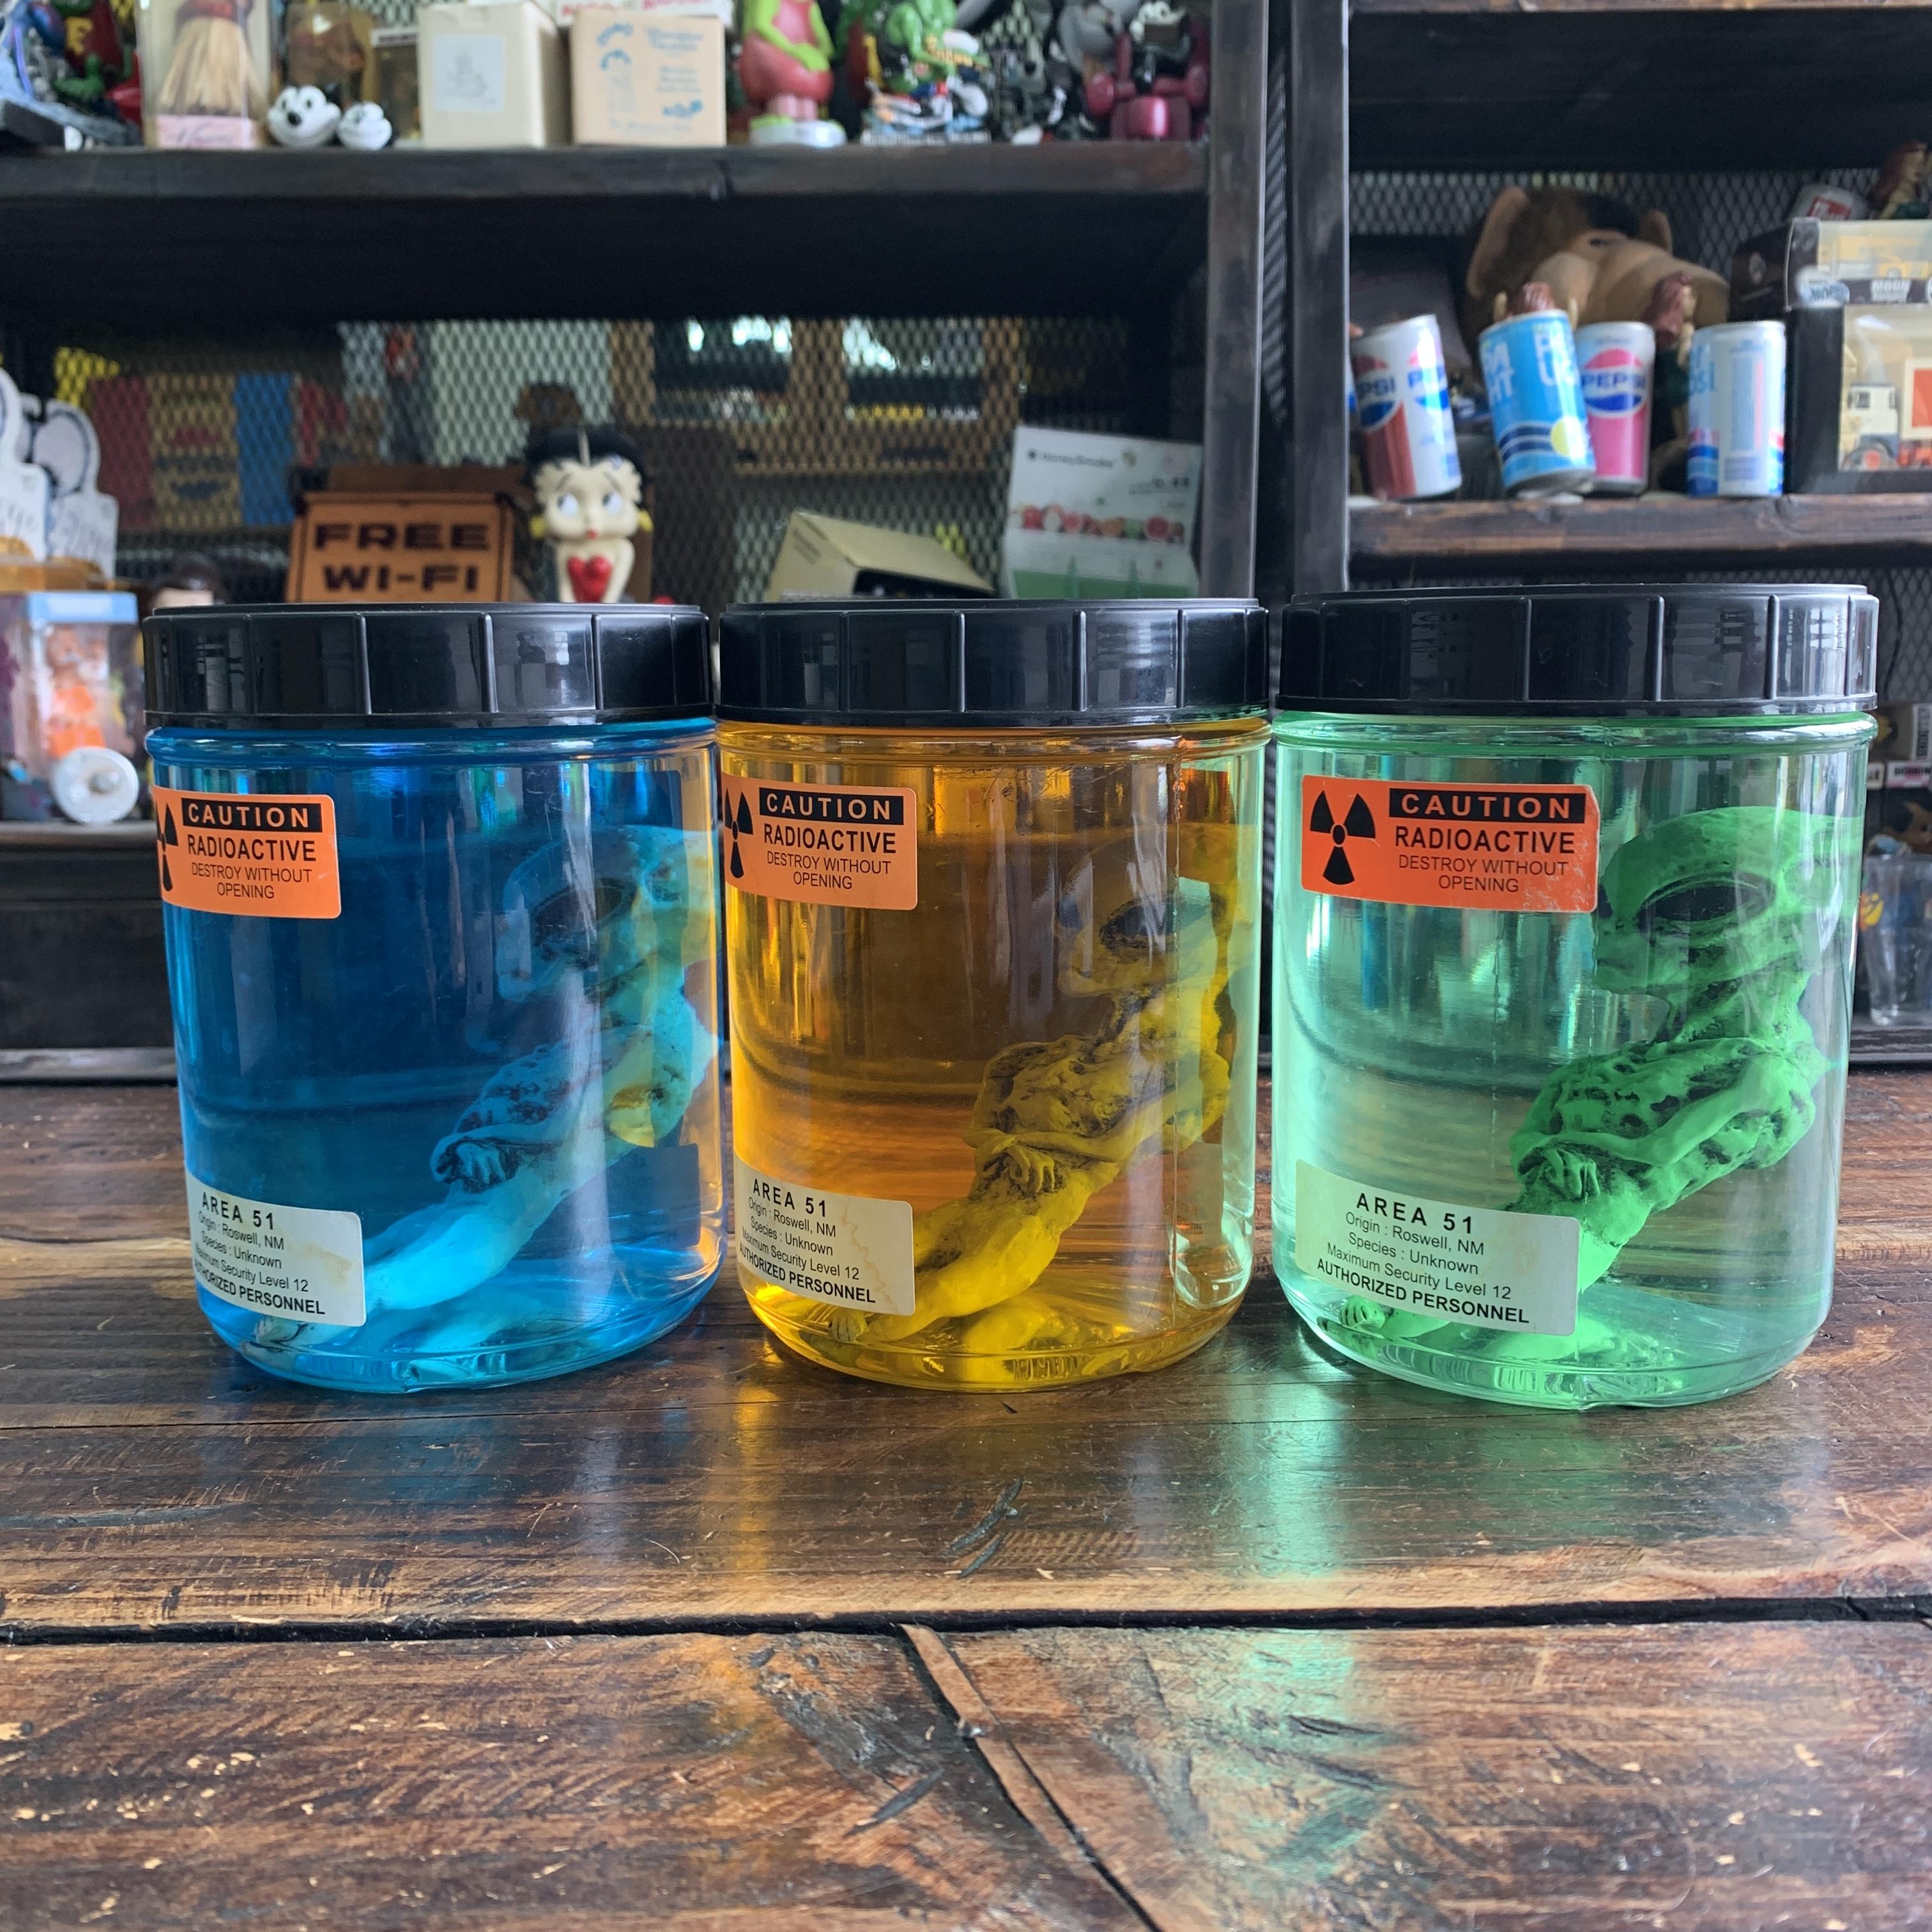 【USAボトル】エリア51・エイリアンのホルマリン漬け【3色セット】